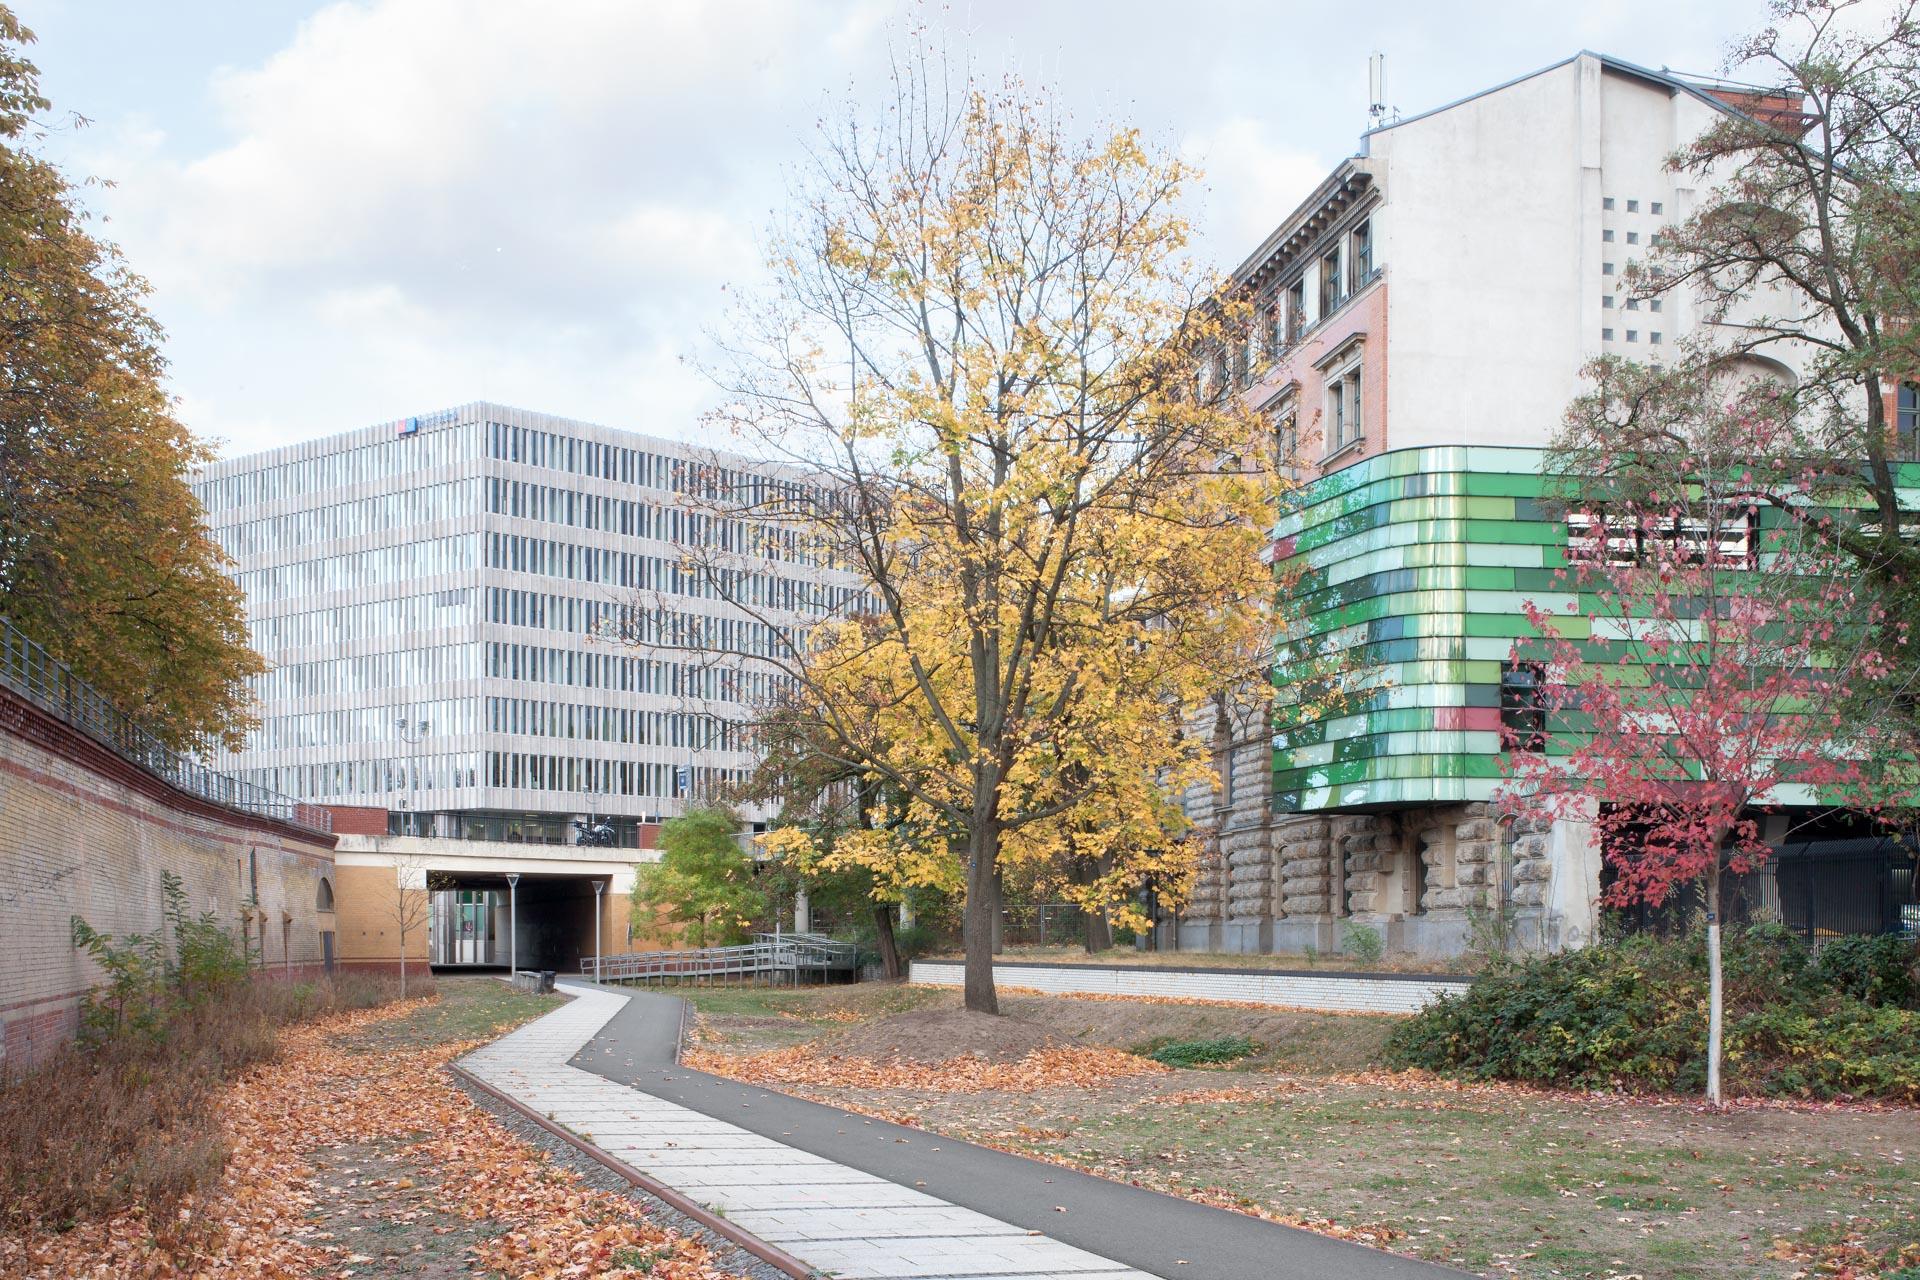 13_LIUC_Berlin-River_1534-2.jpg